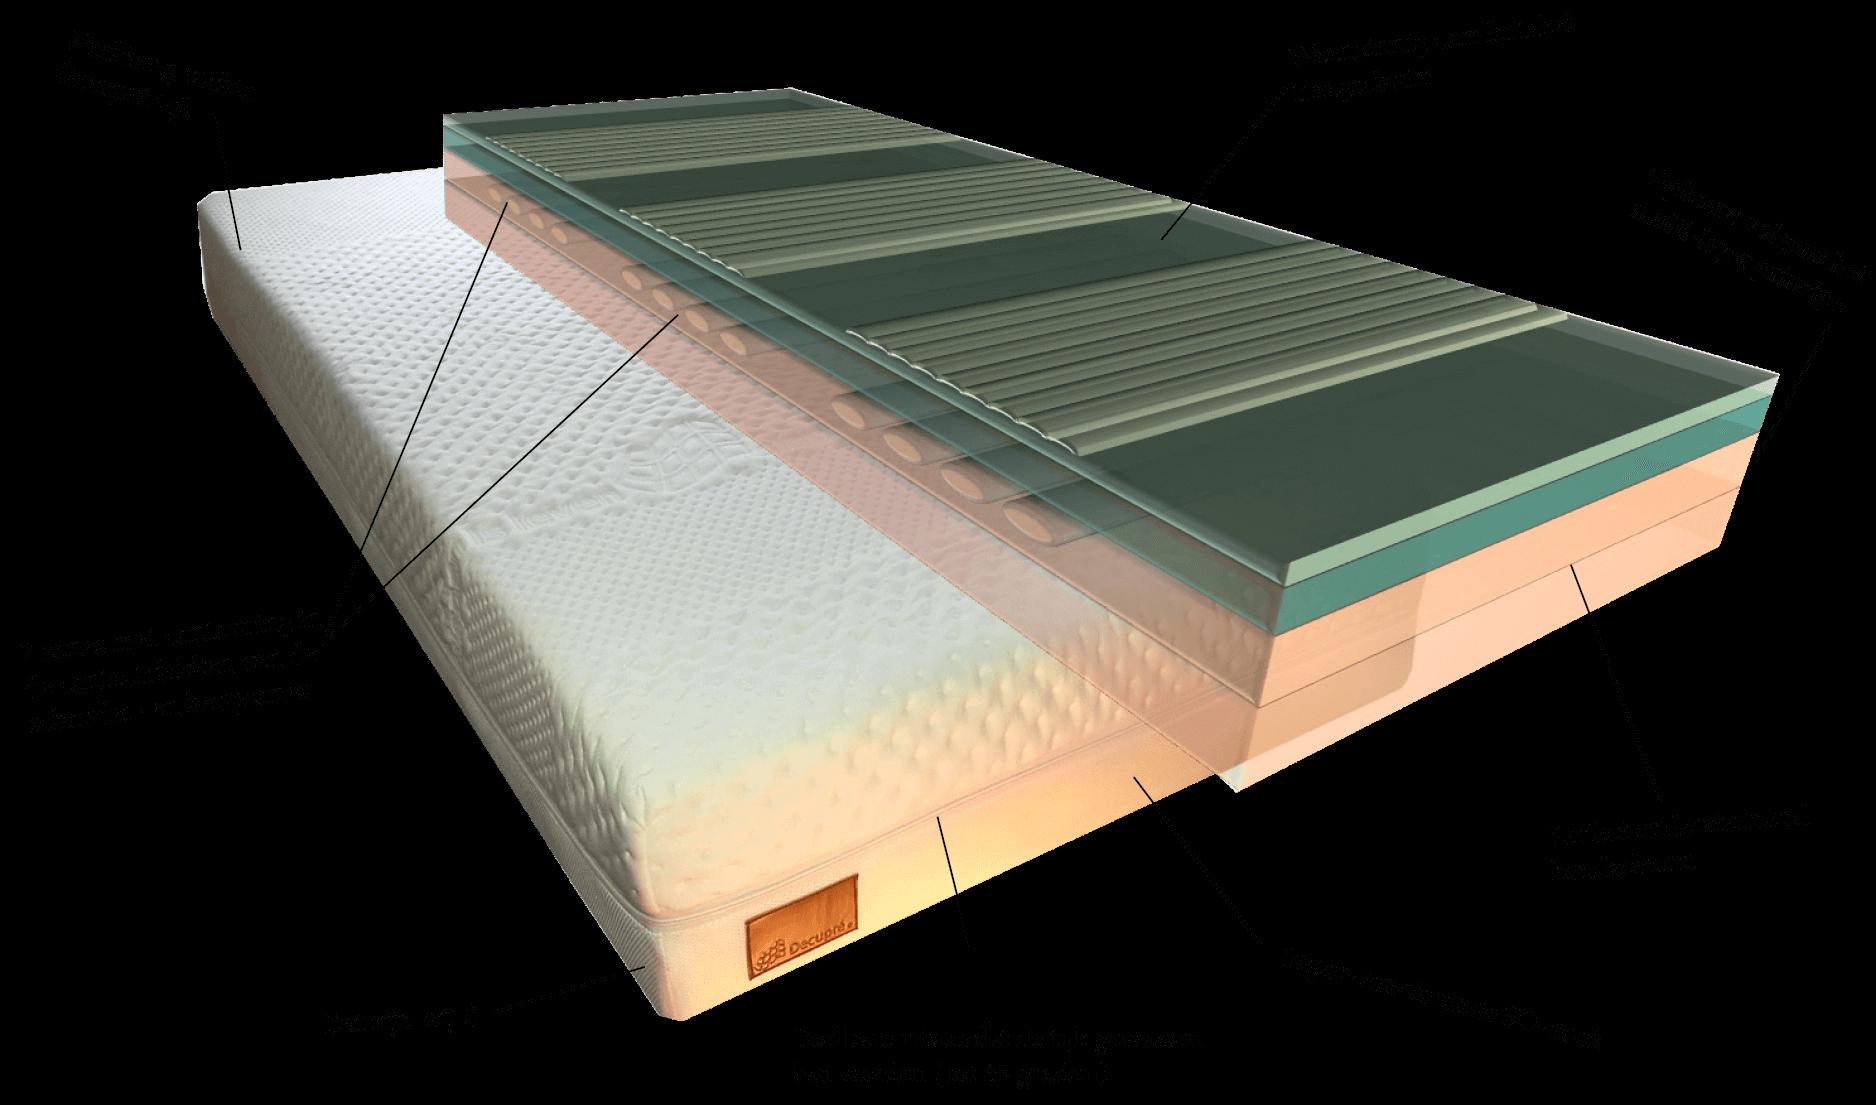 Traagschuim matras quad core individual. Koop uw traagschuim matras bij Decupré, 30 dagen proefslapen voordat u koopt.